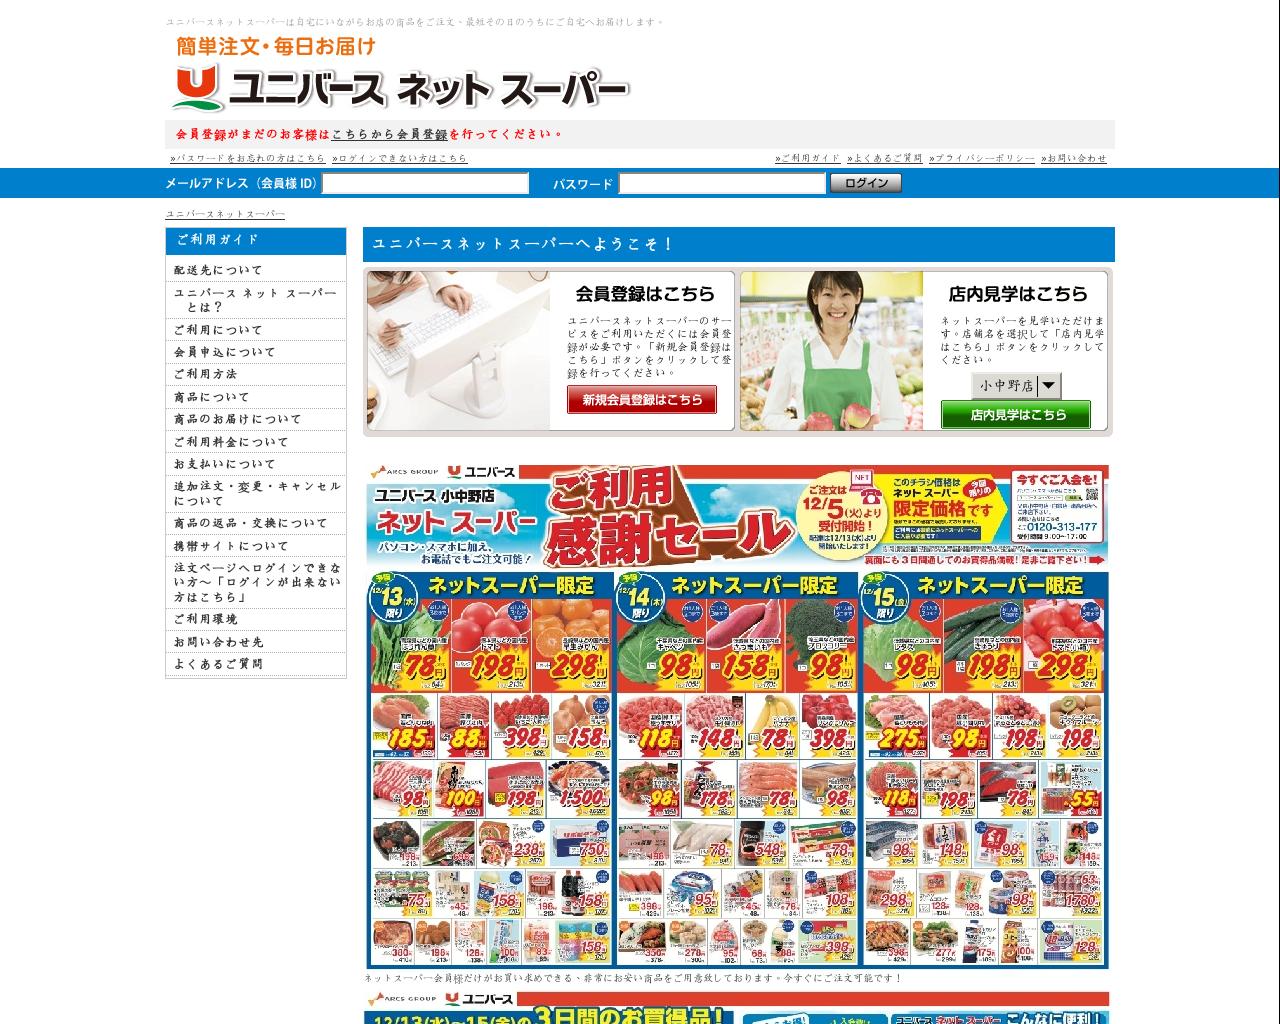 netsuper.universe.co.jp(2017/12/04 23:35:33)